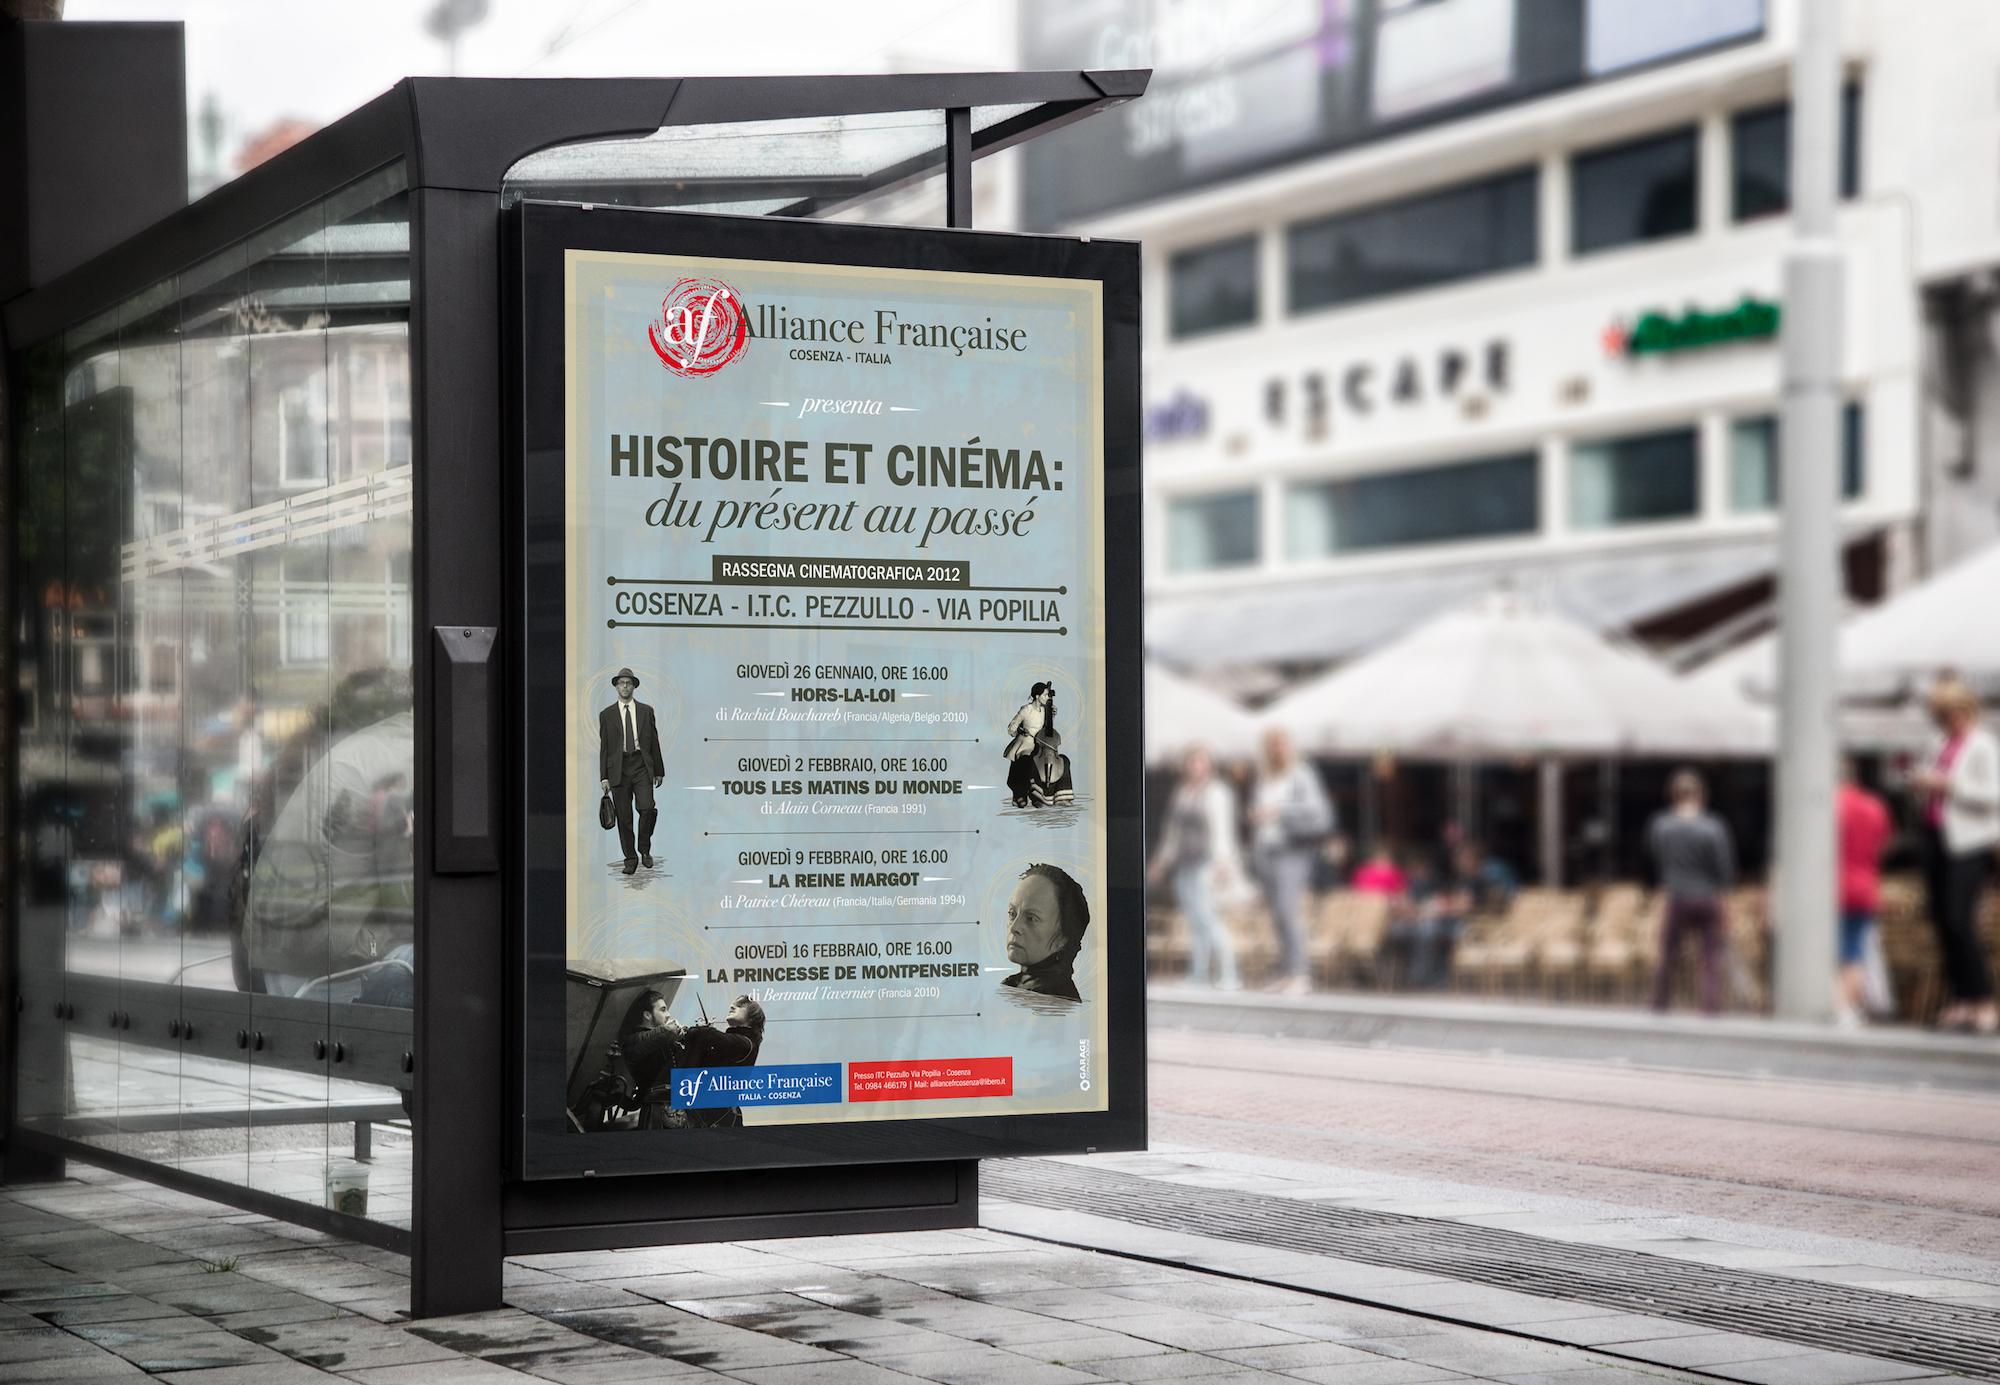 Histoire et Cinema du present et du passe